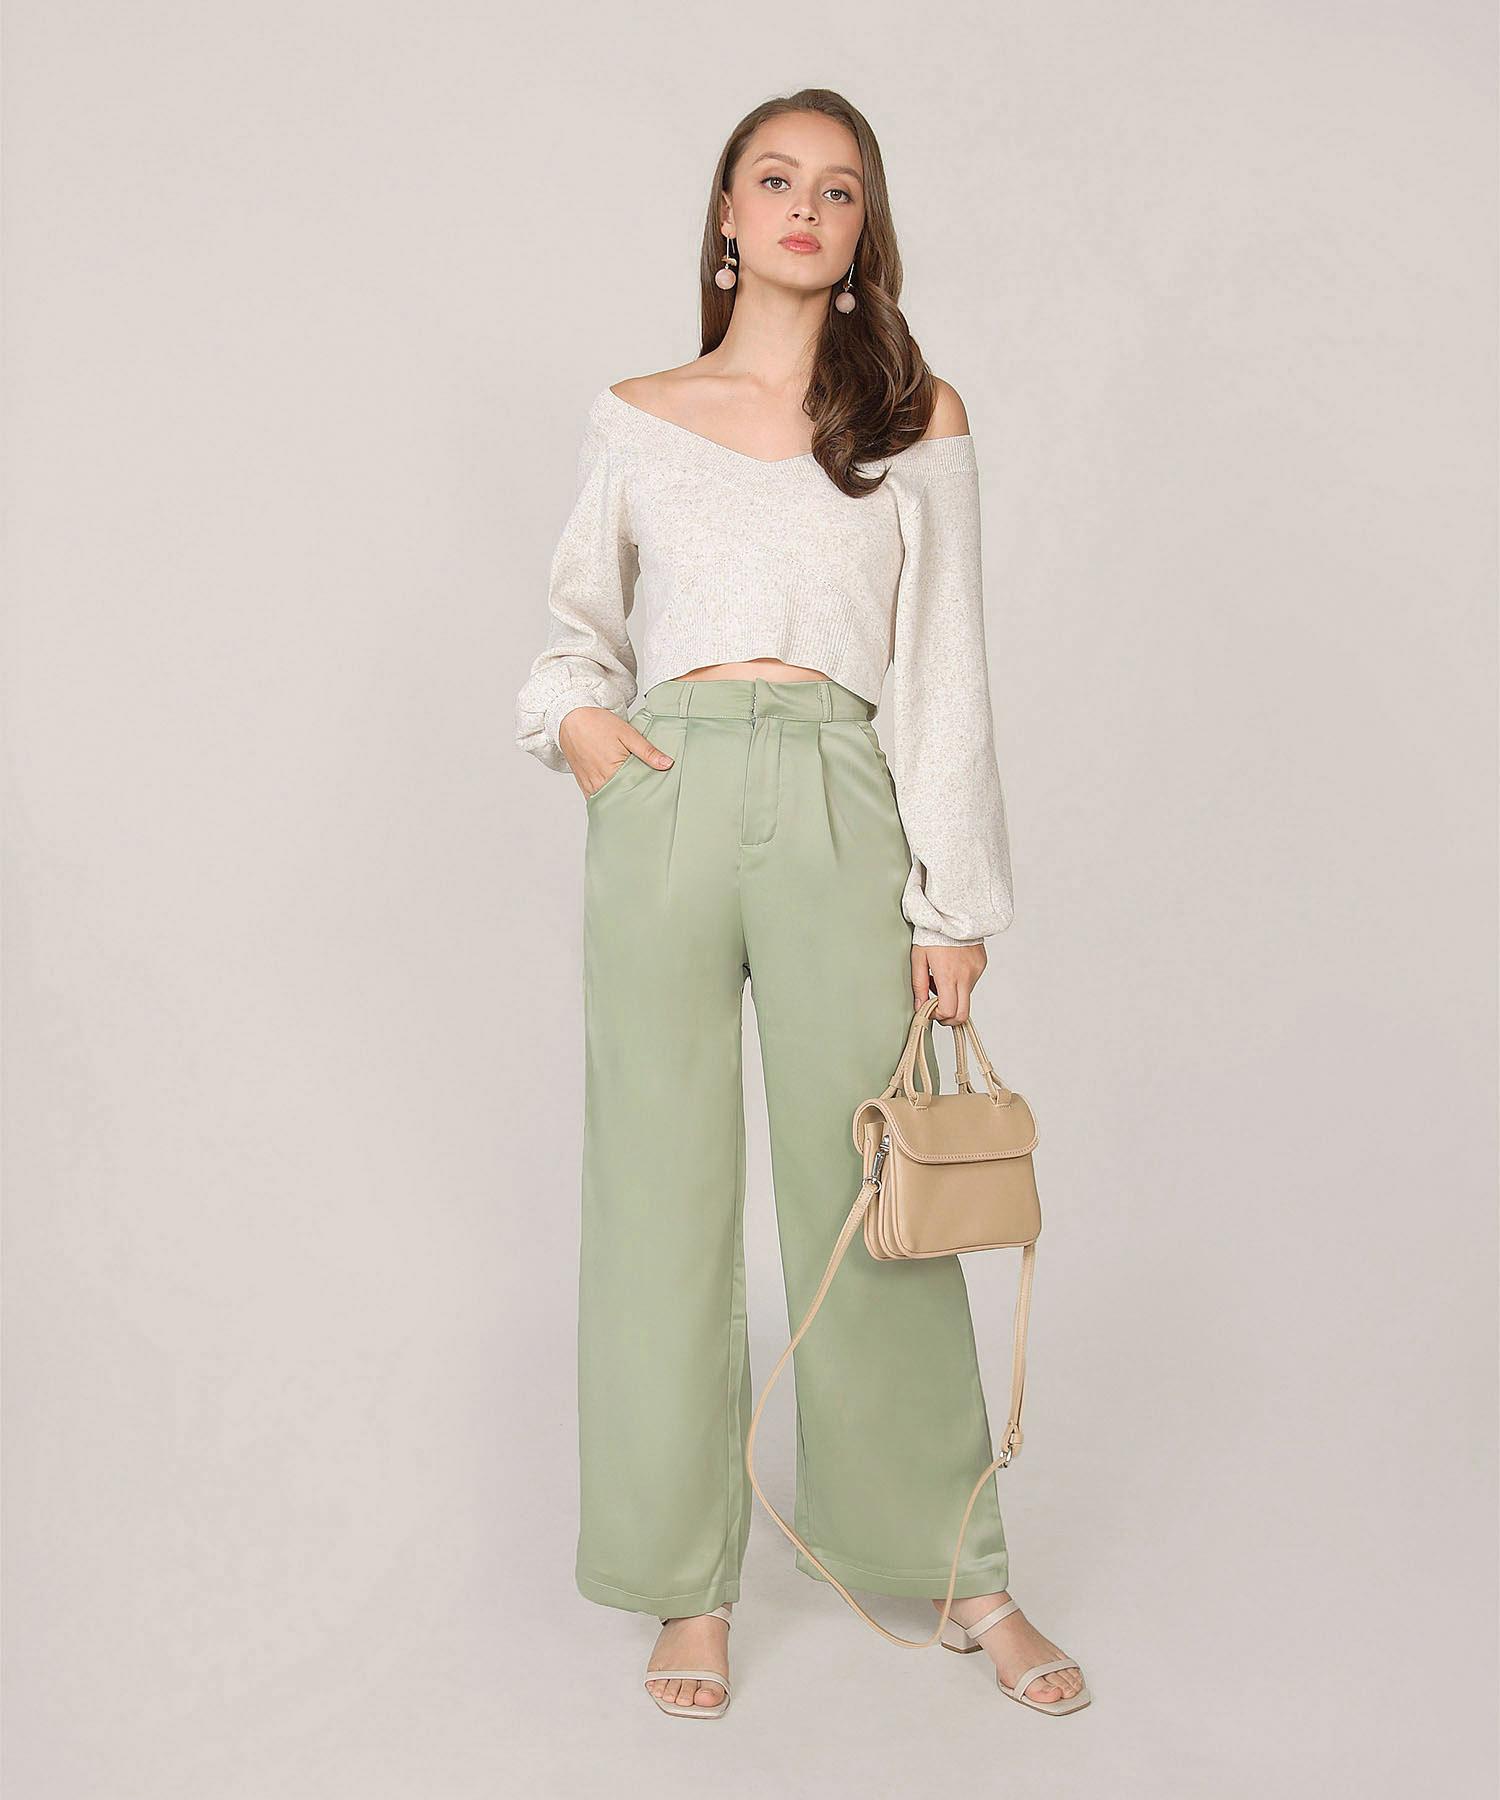 gisele-satin-wide-leg-pants-pistachio-1